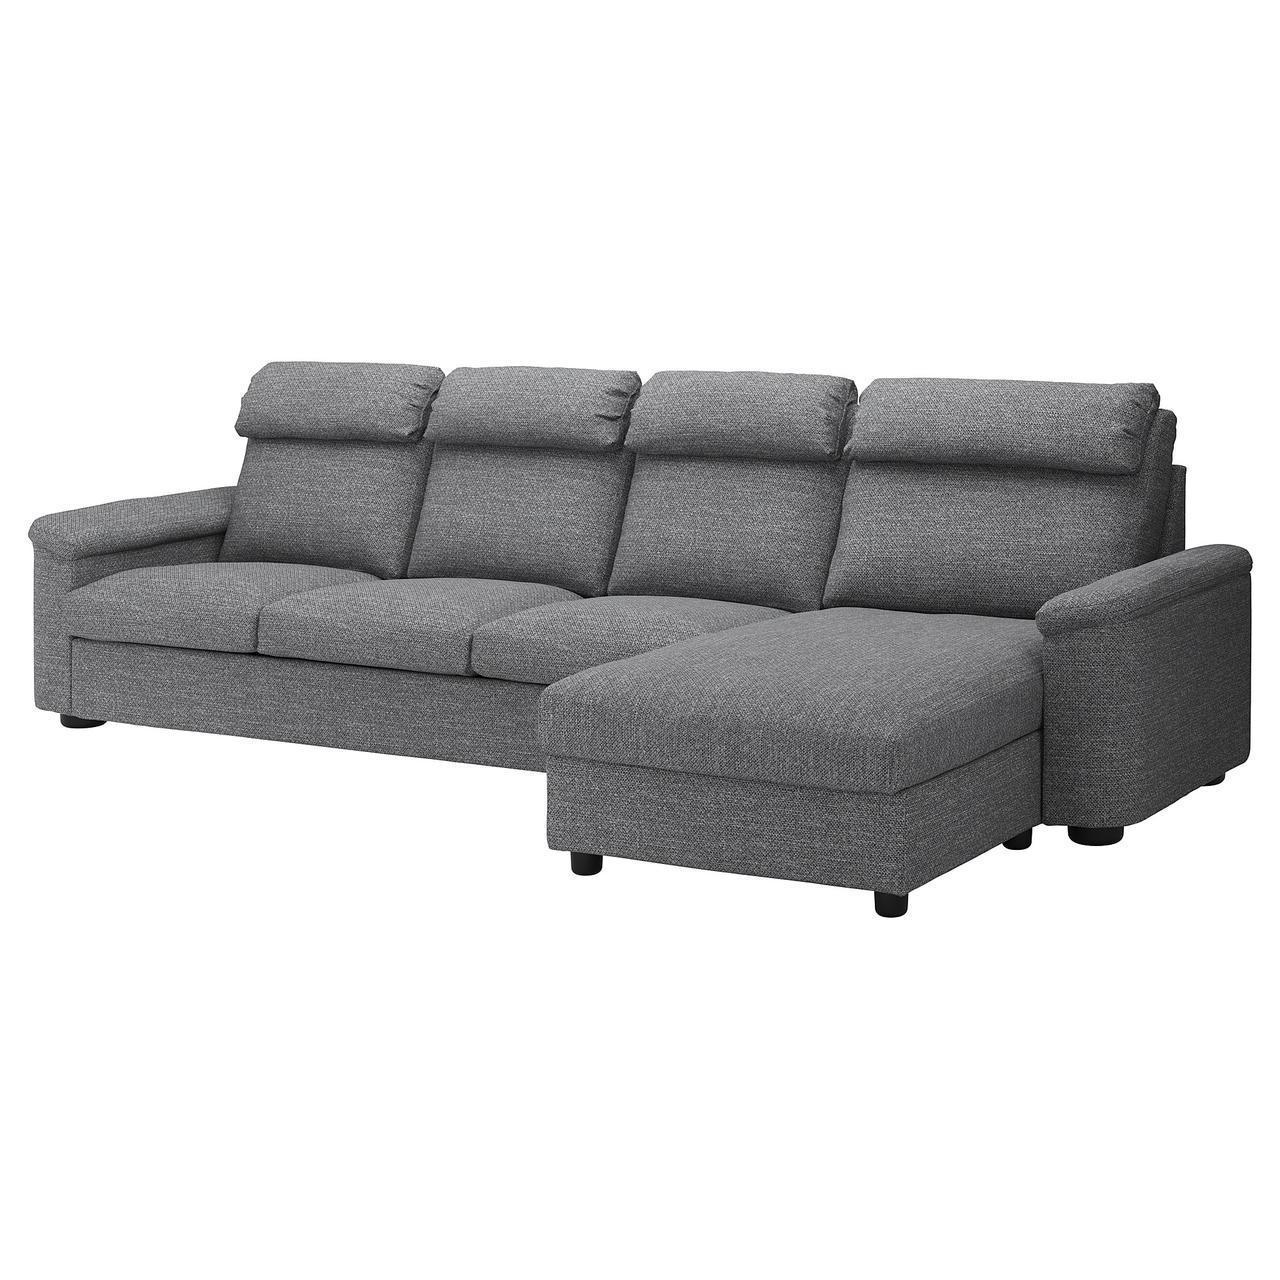 Диван IKEA LIDHULT 4-местный с шезлонгом Lejde серый 092.920.56